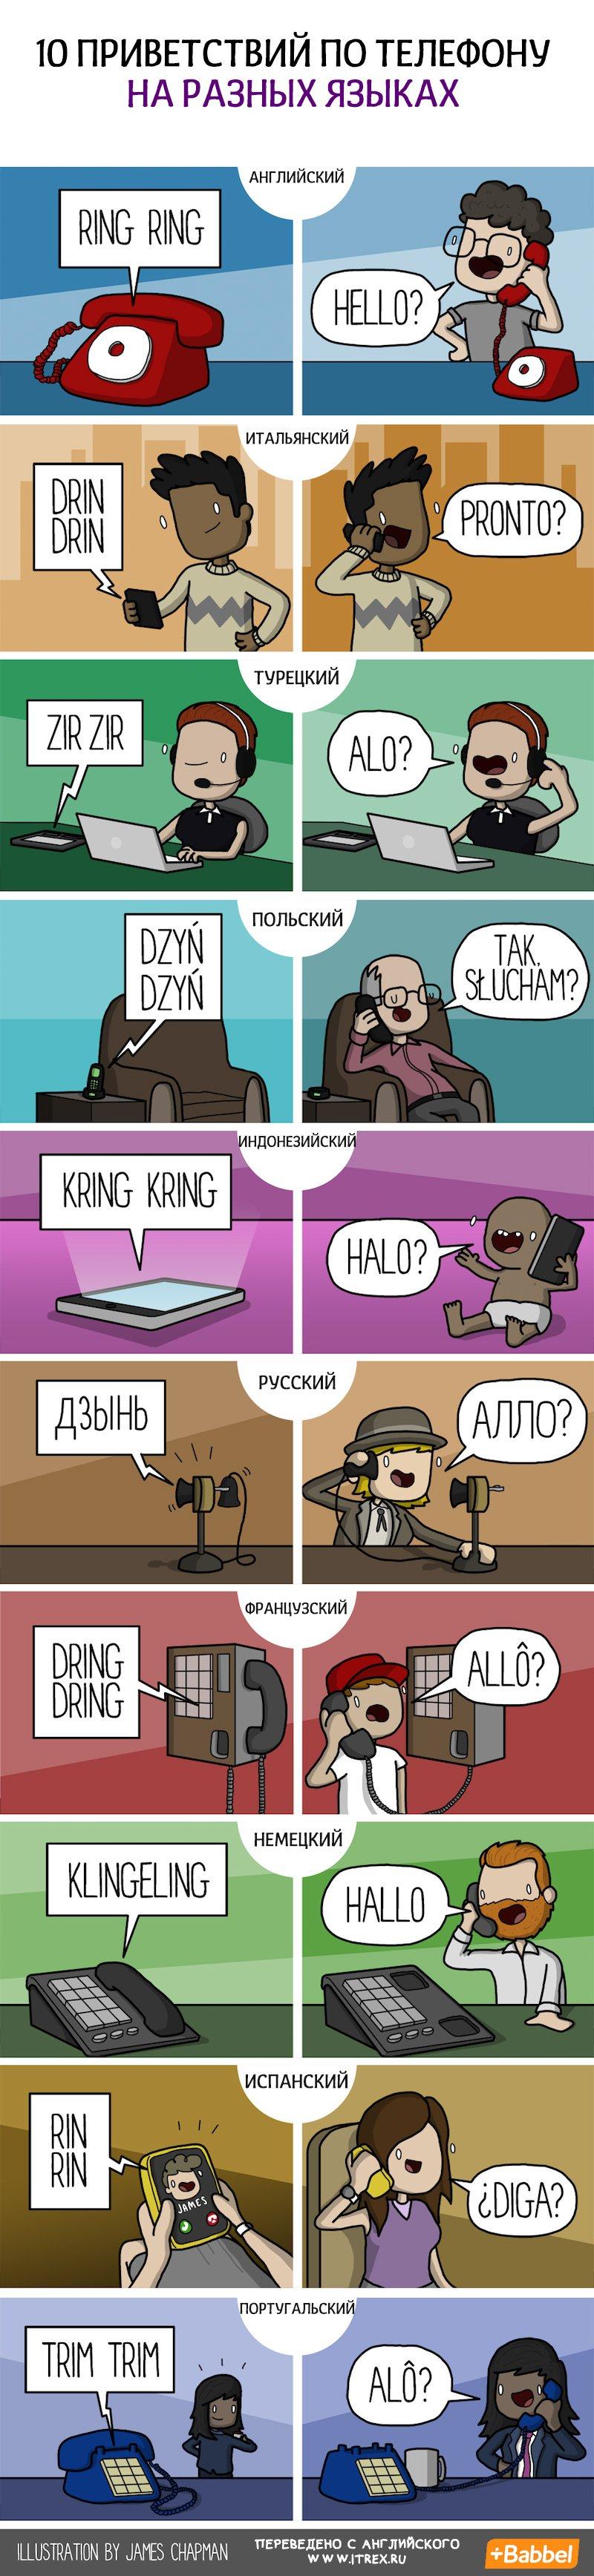 Как здороваются в разных странах